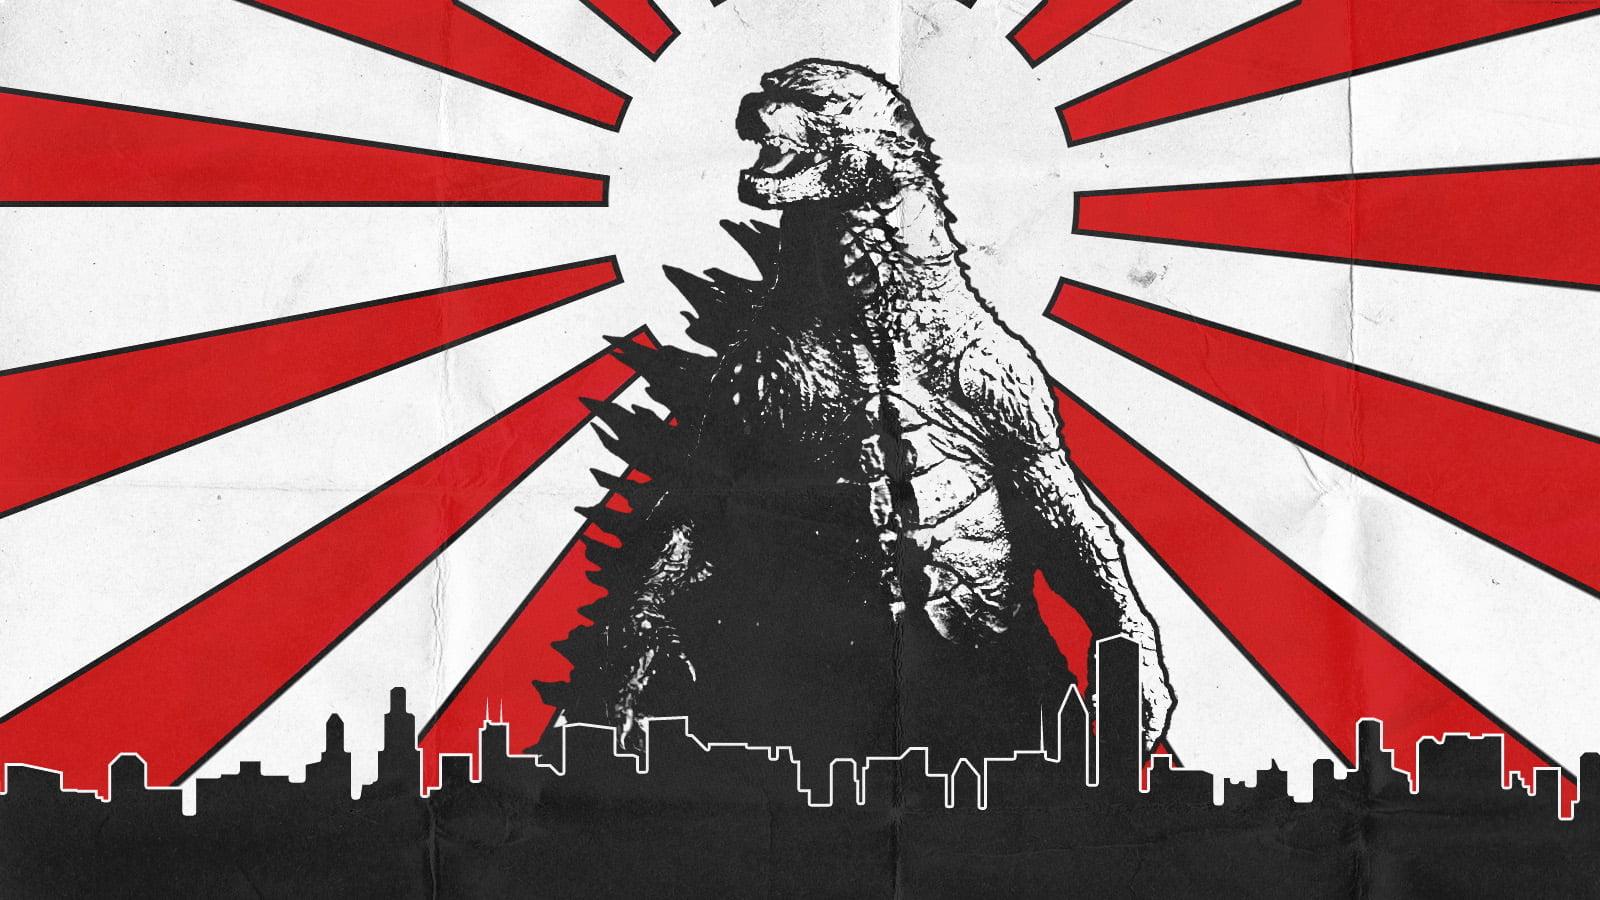 Godzilla do Japão curiosidades